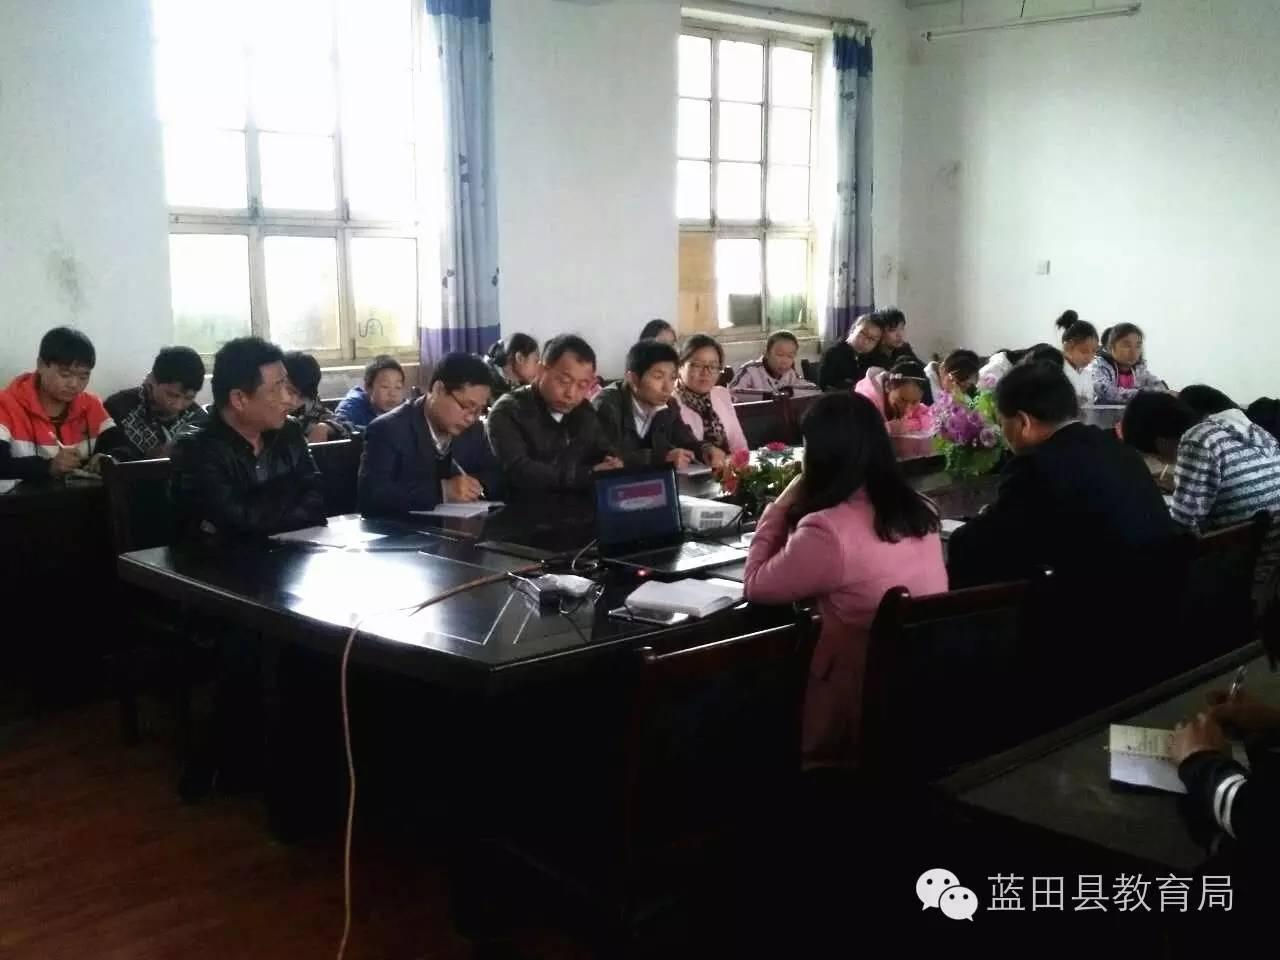 冯家村初级中学班干部v简报简报下册年级纲要初中课程八图片